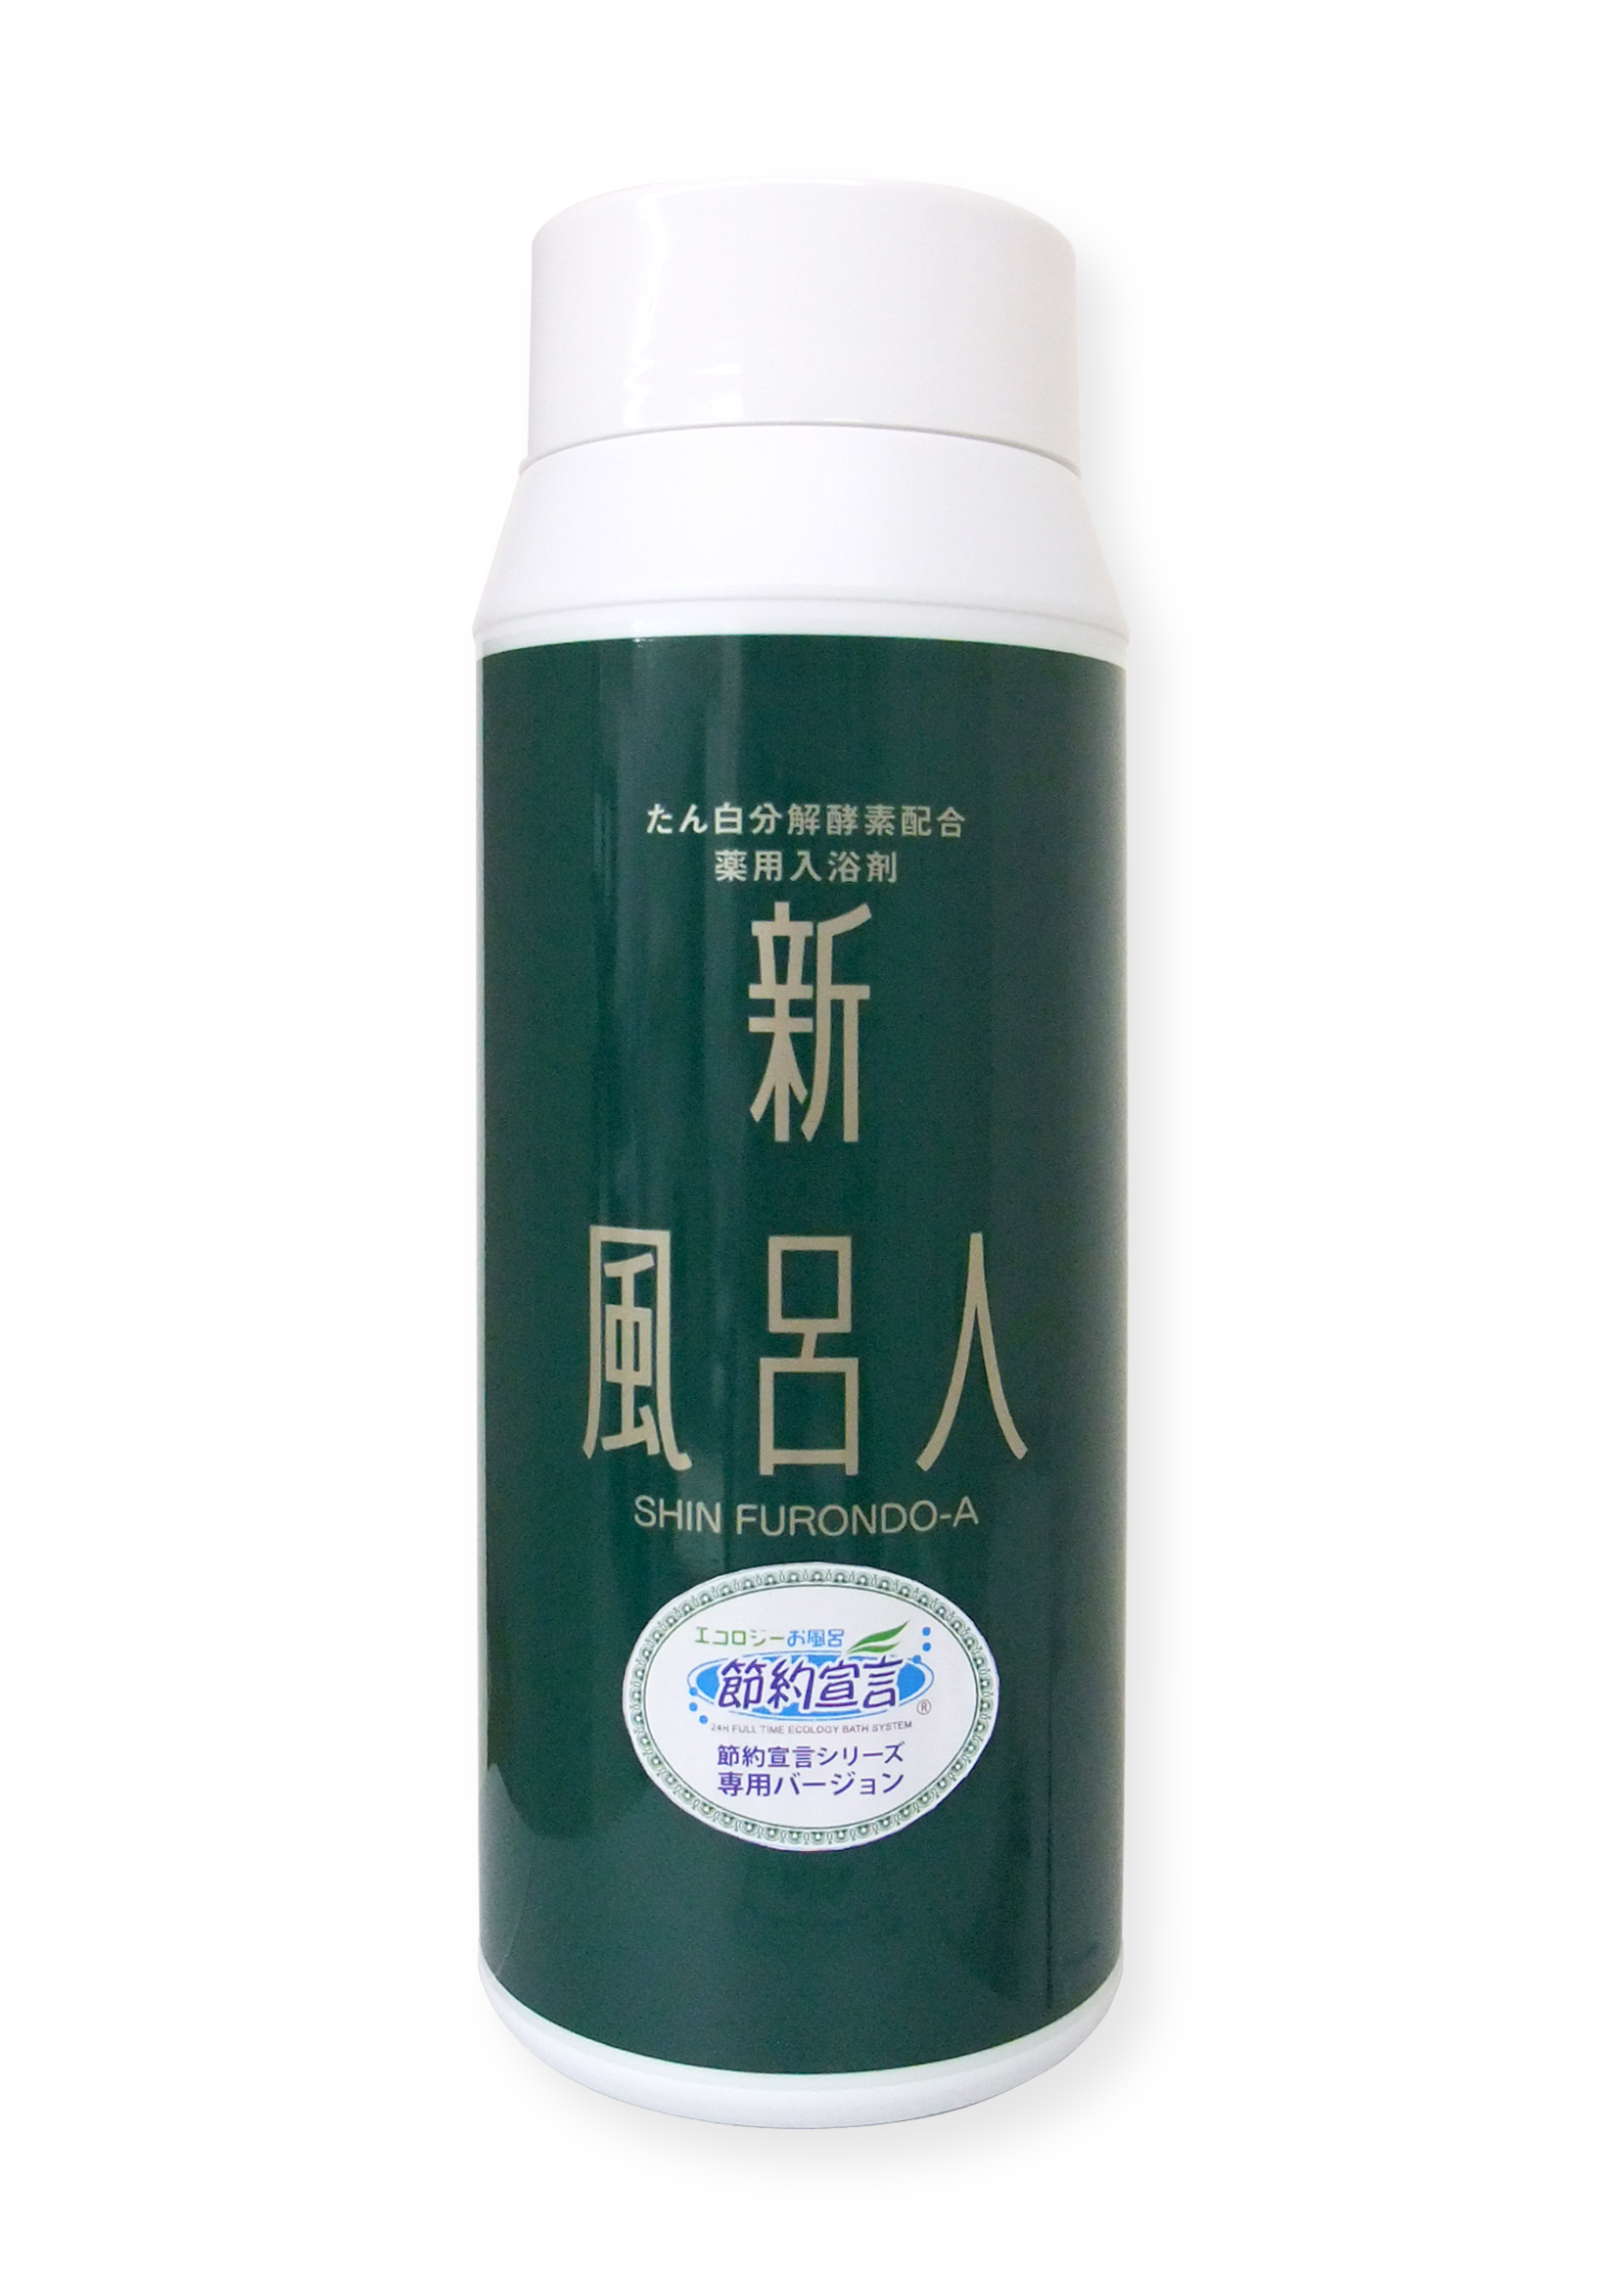 入浴剤 新風呂人・1本(同時購入品も送料無料に!)画像